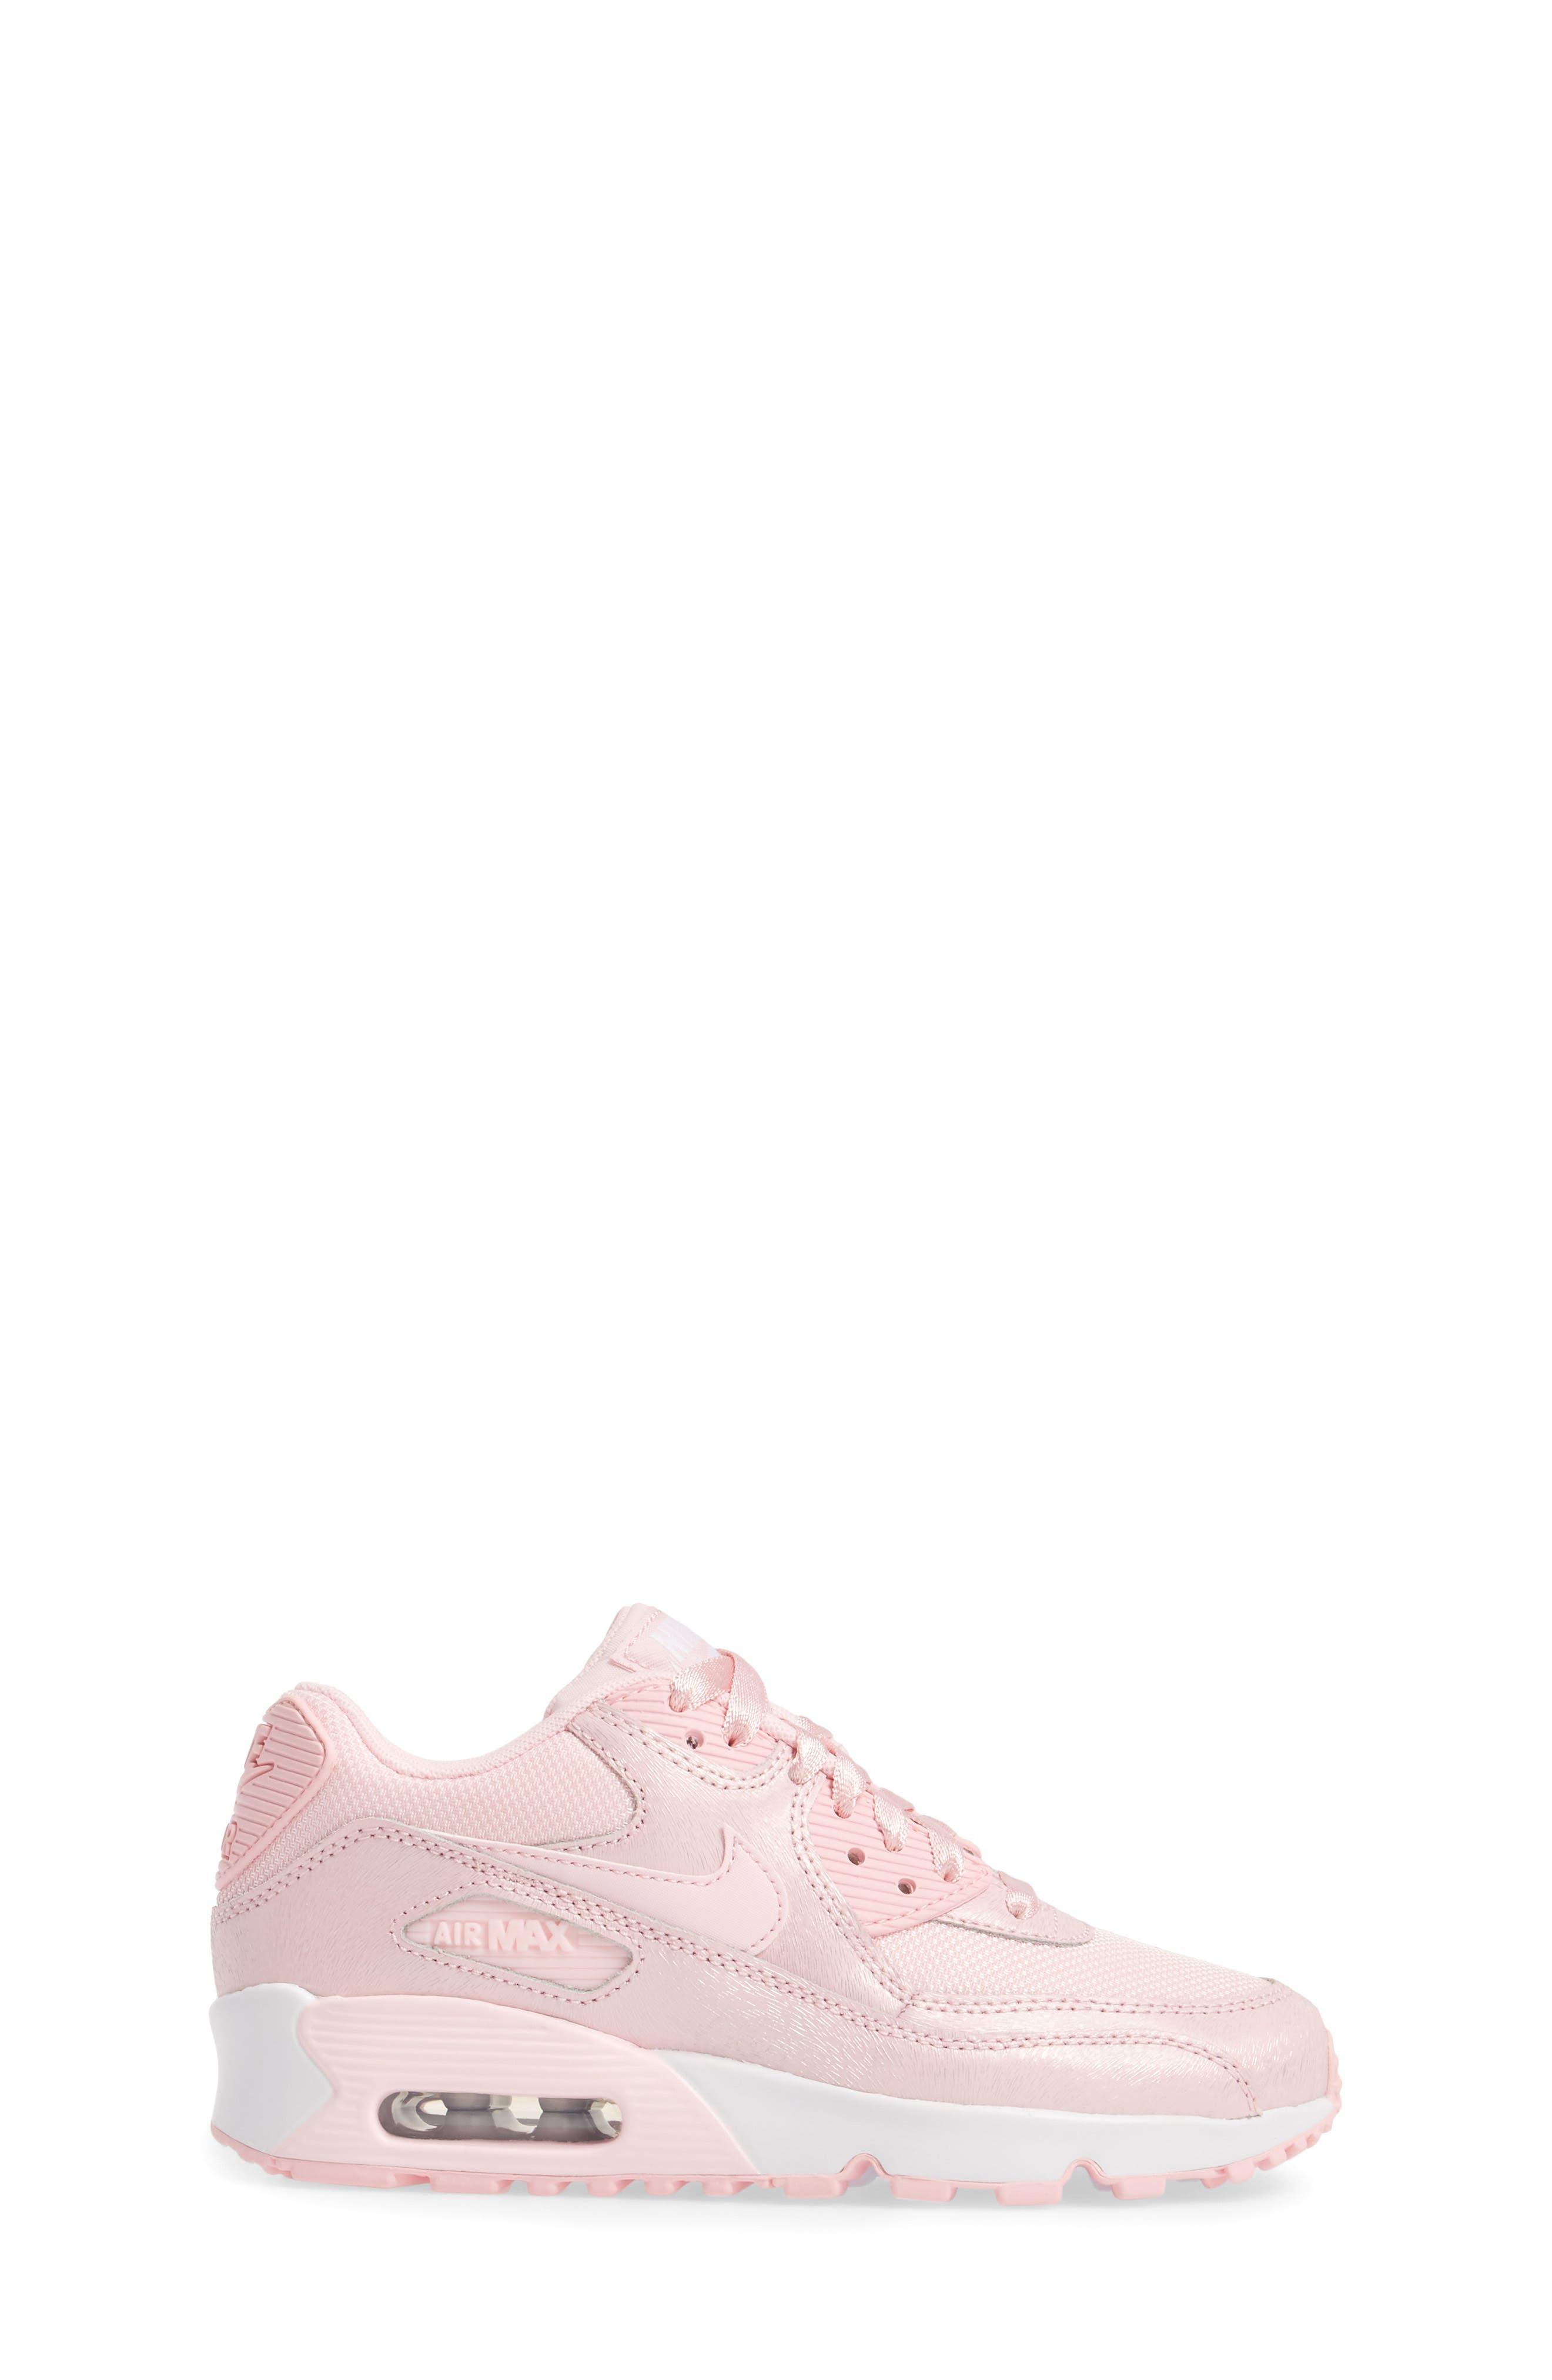 Air Max 90 Mesh Sneaker,                             Alternate thumbnail 3, color,                             650